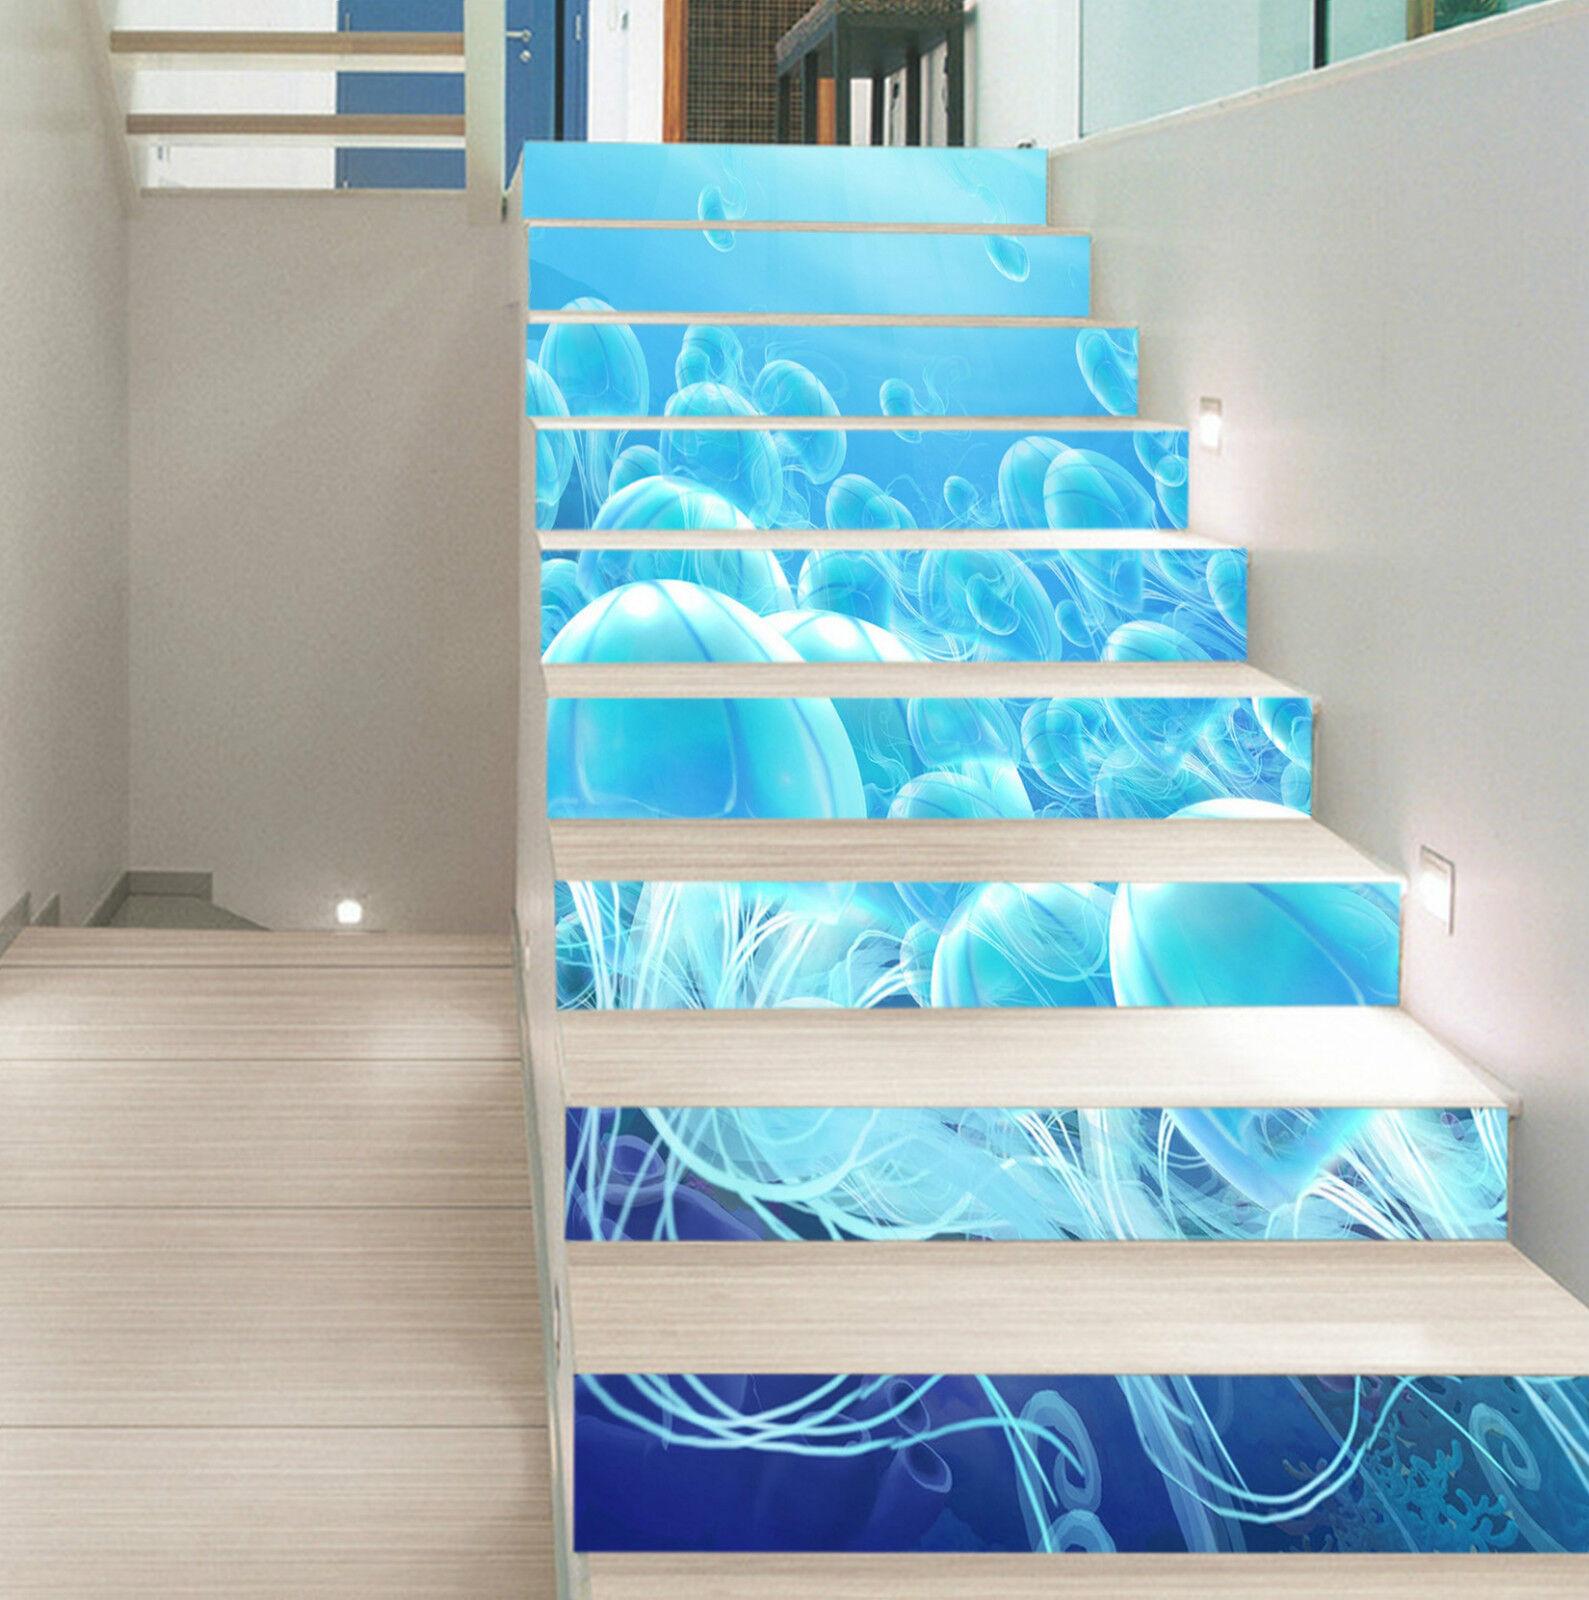 3D Ozean Meduse 264 Stair Risers Dekoration Fototapete Vinyl Aufkleber Tapete DE